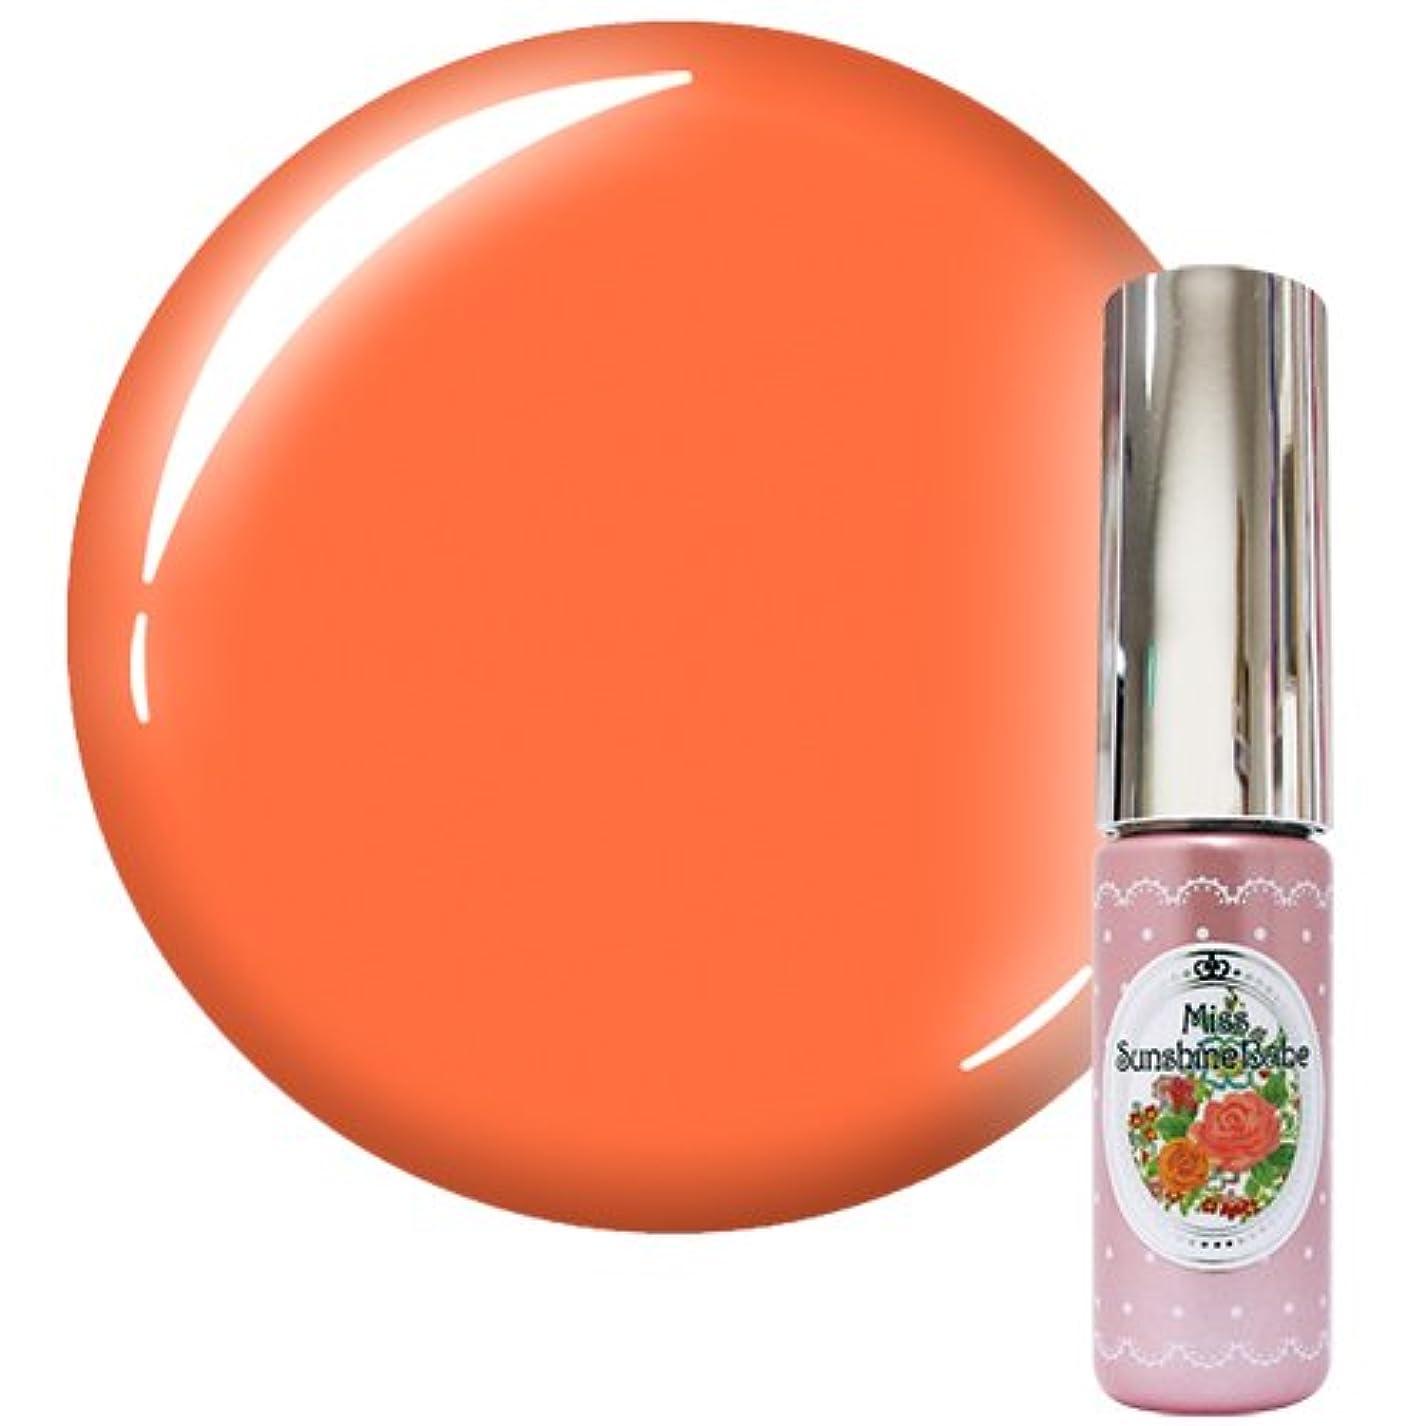 ゆるく叫び声証明Miss SunshineBabe ミス サンシャインベビー カラージェル MC-33 5g サマーパステルオレンジ